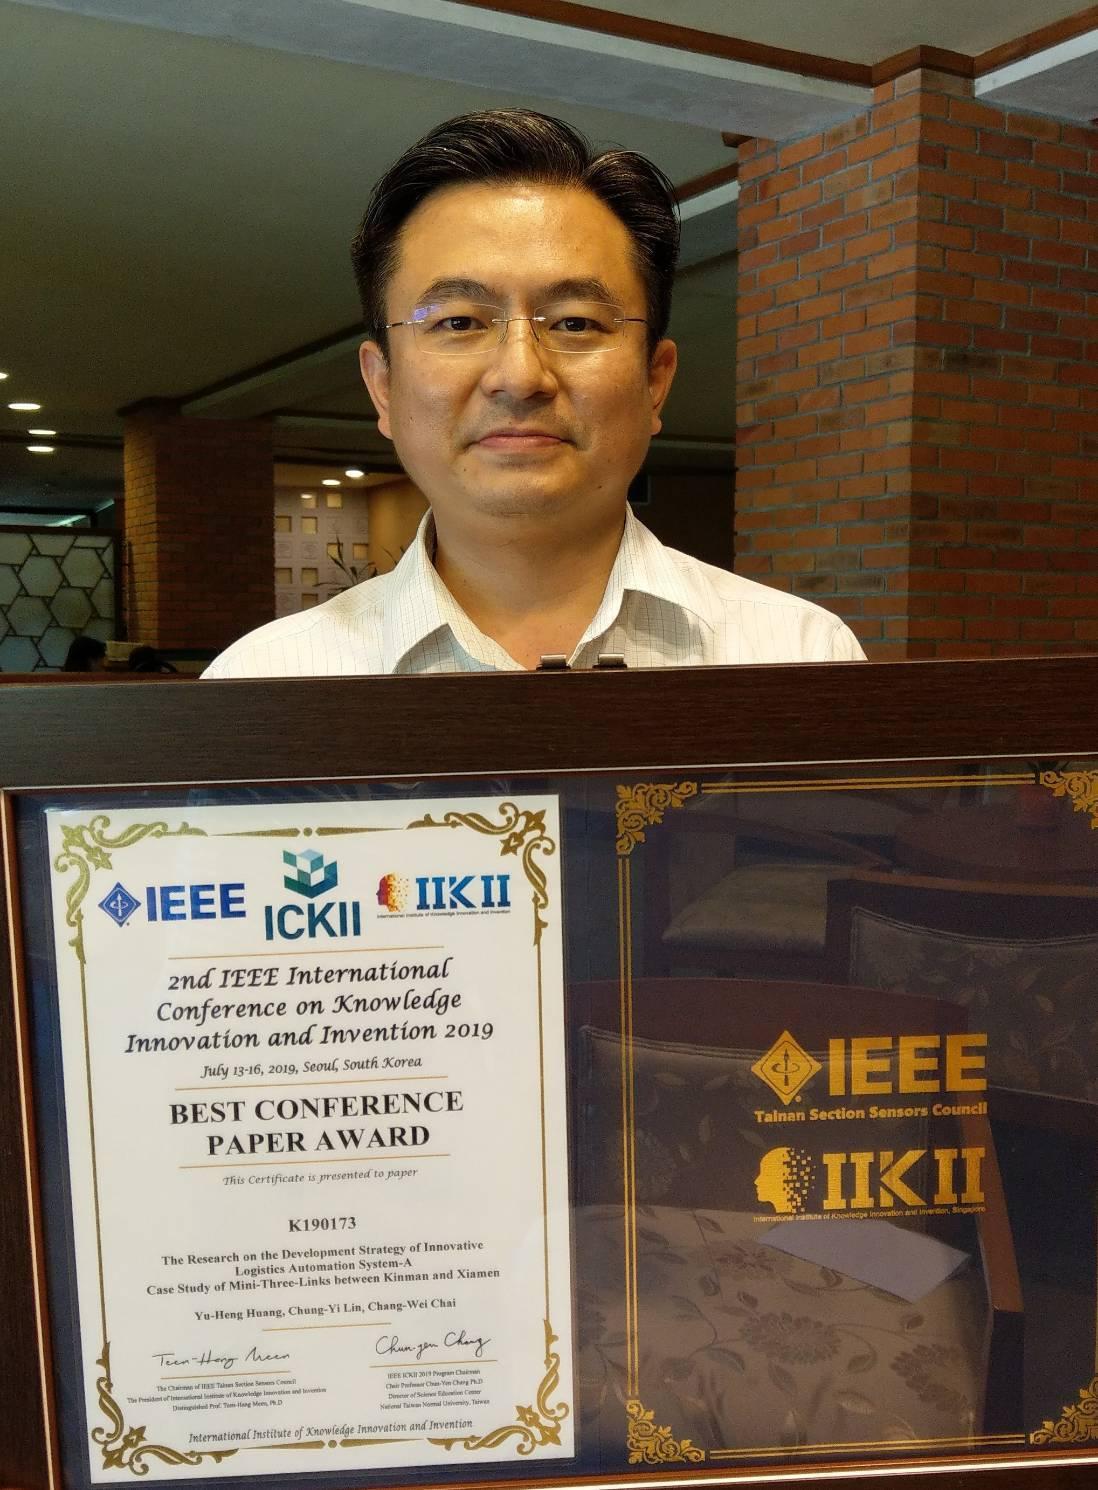 宜蘭縣議會科員黃毓恒以博士生拿下IEEE國際論文首獎,全台第一人。記者戴永華/攝...